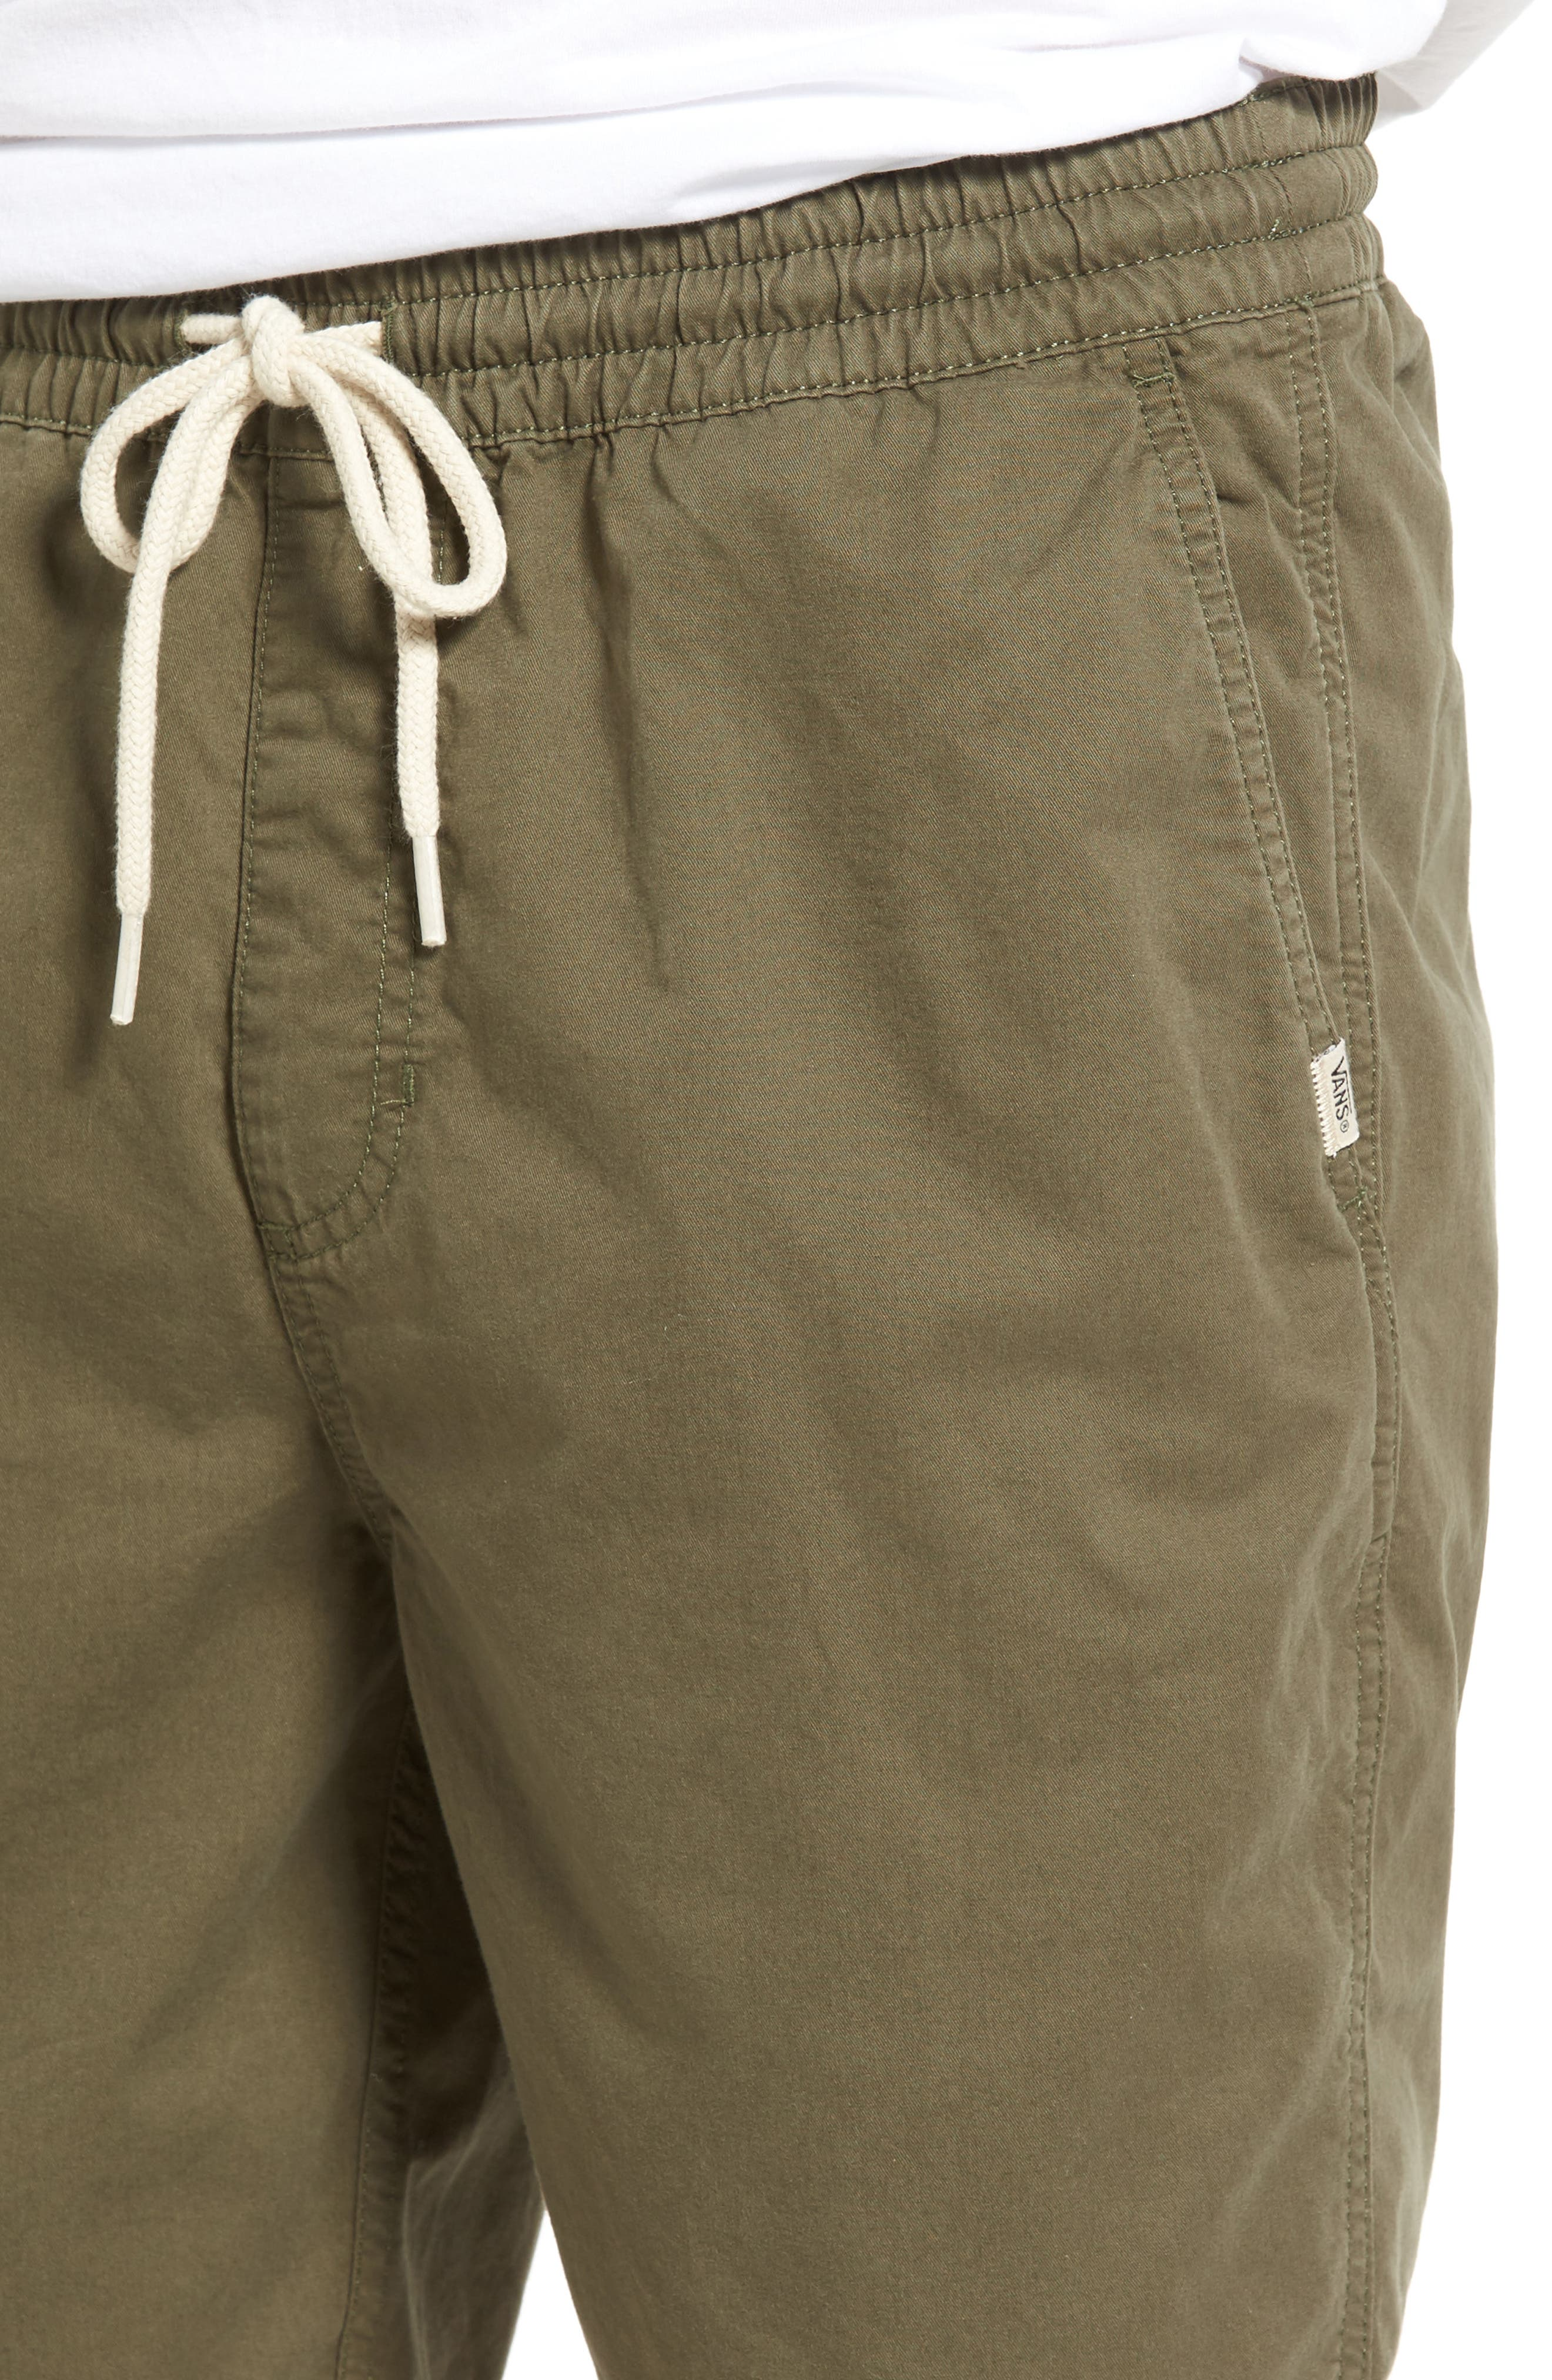 Range Shorts,                             Alternate thumbnail 8, color,